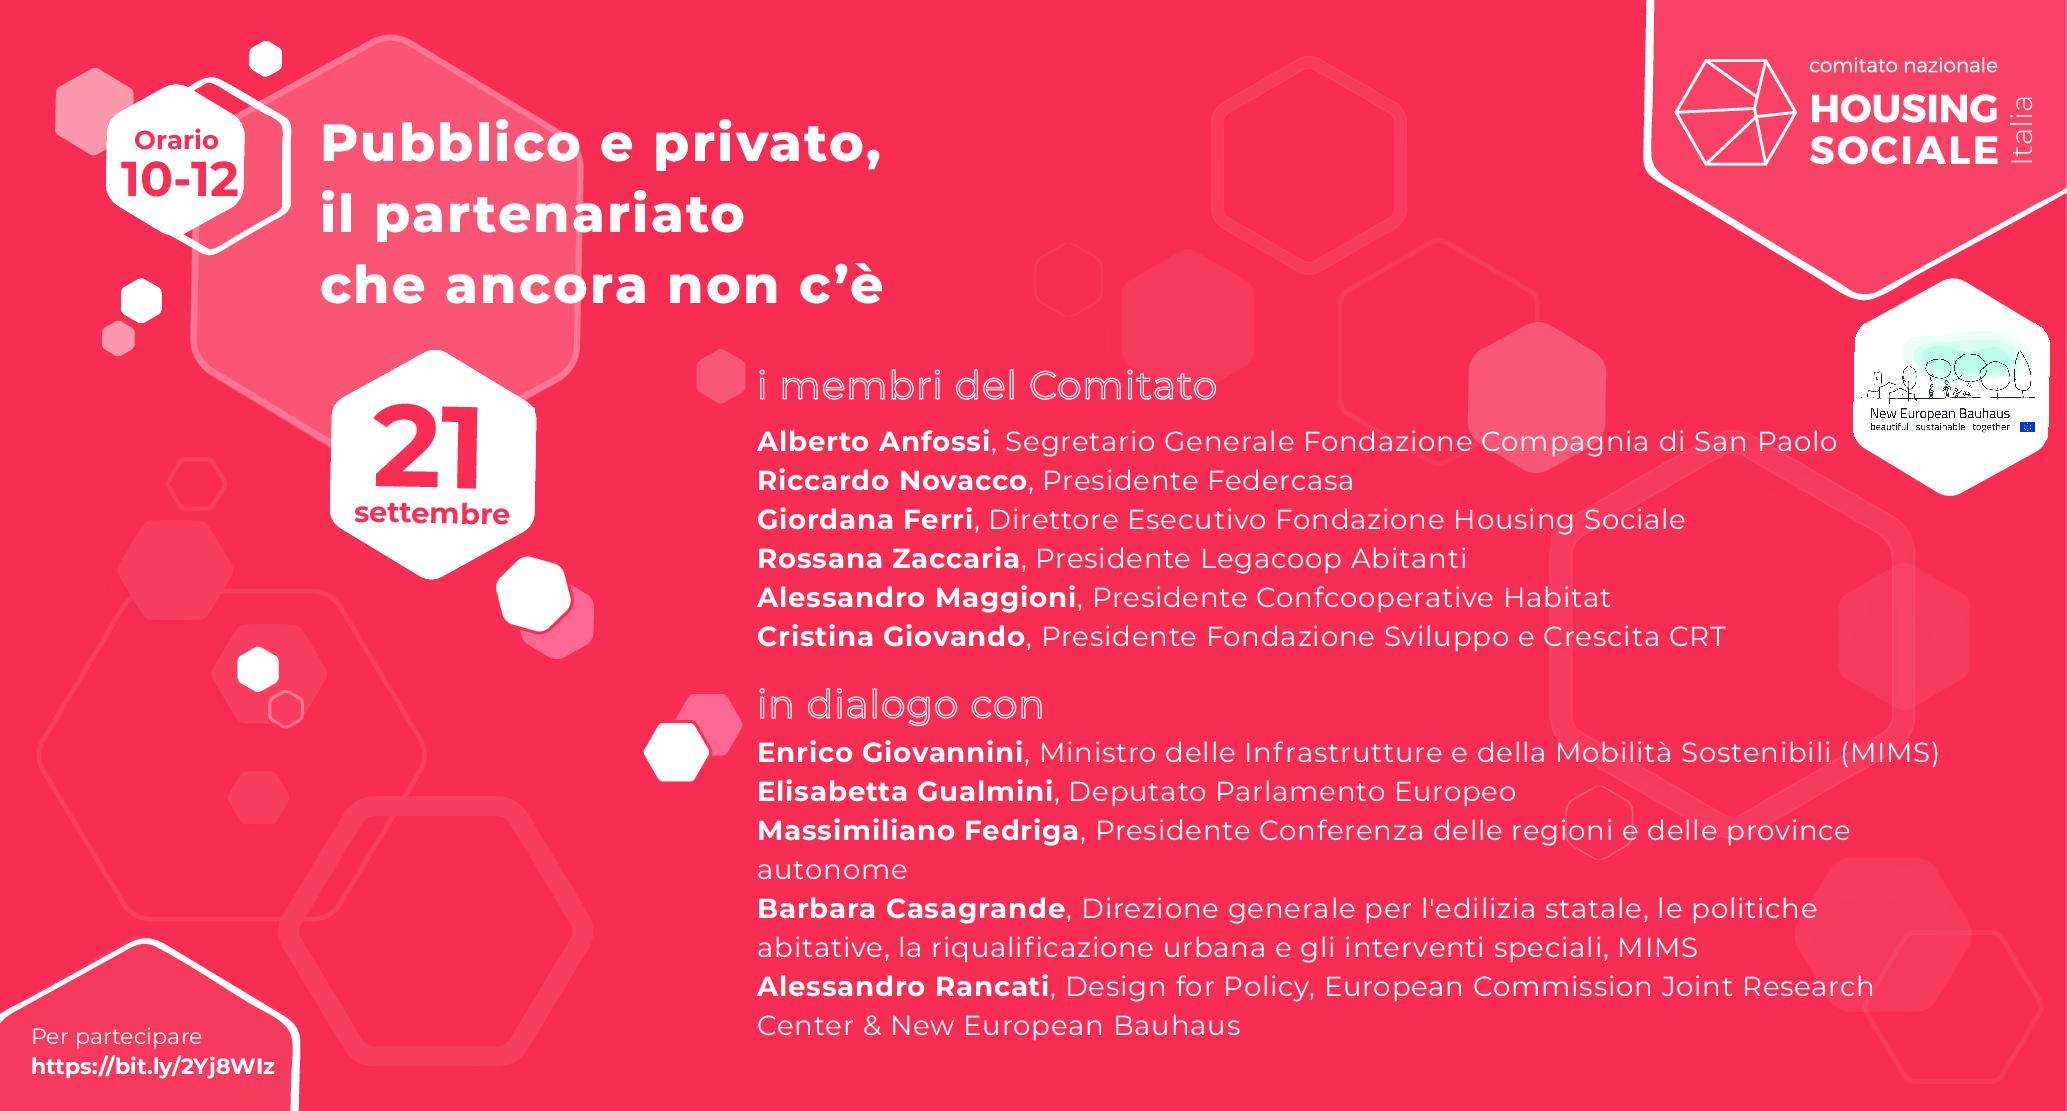 Partenariati diffusi e servizi di comunità,  quale futuro per l'abitare in Italia?